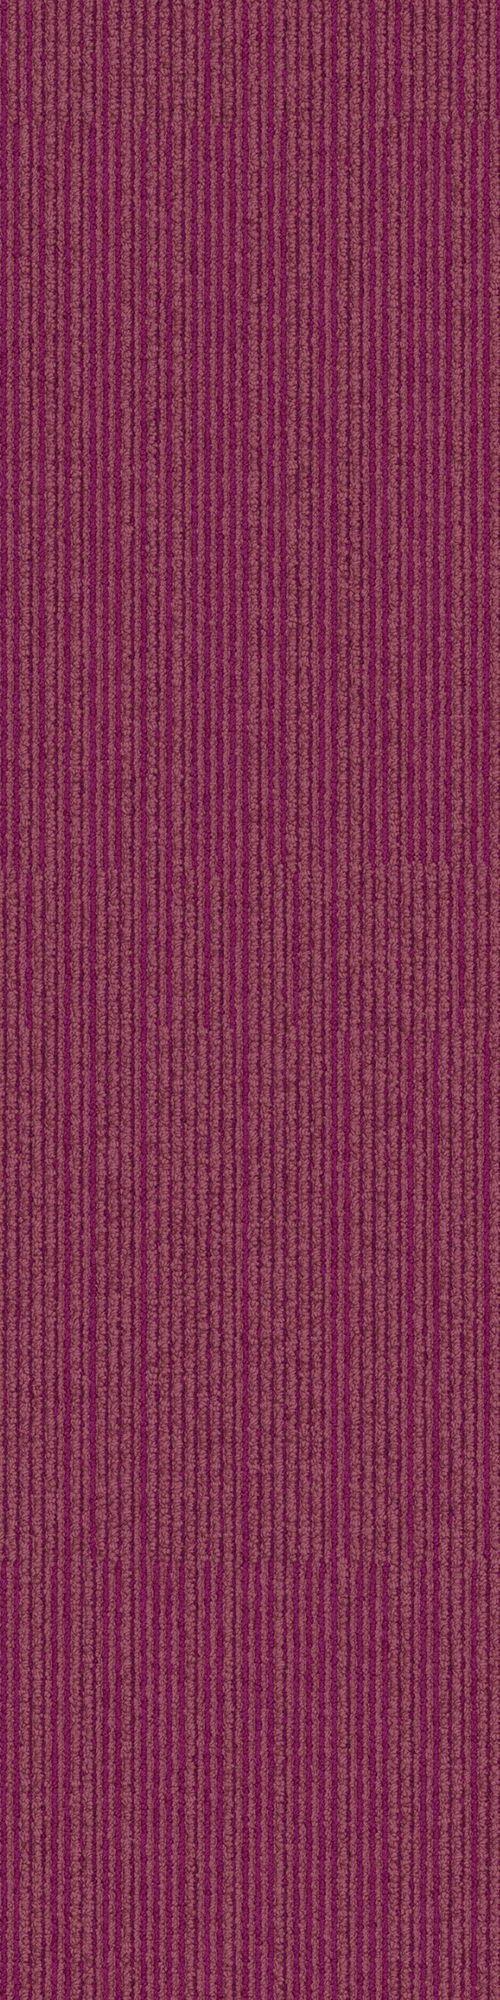 Interface carpet tile: On Line Color name: Magenta